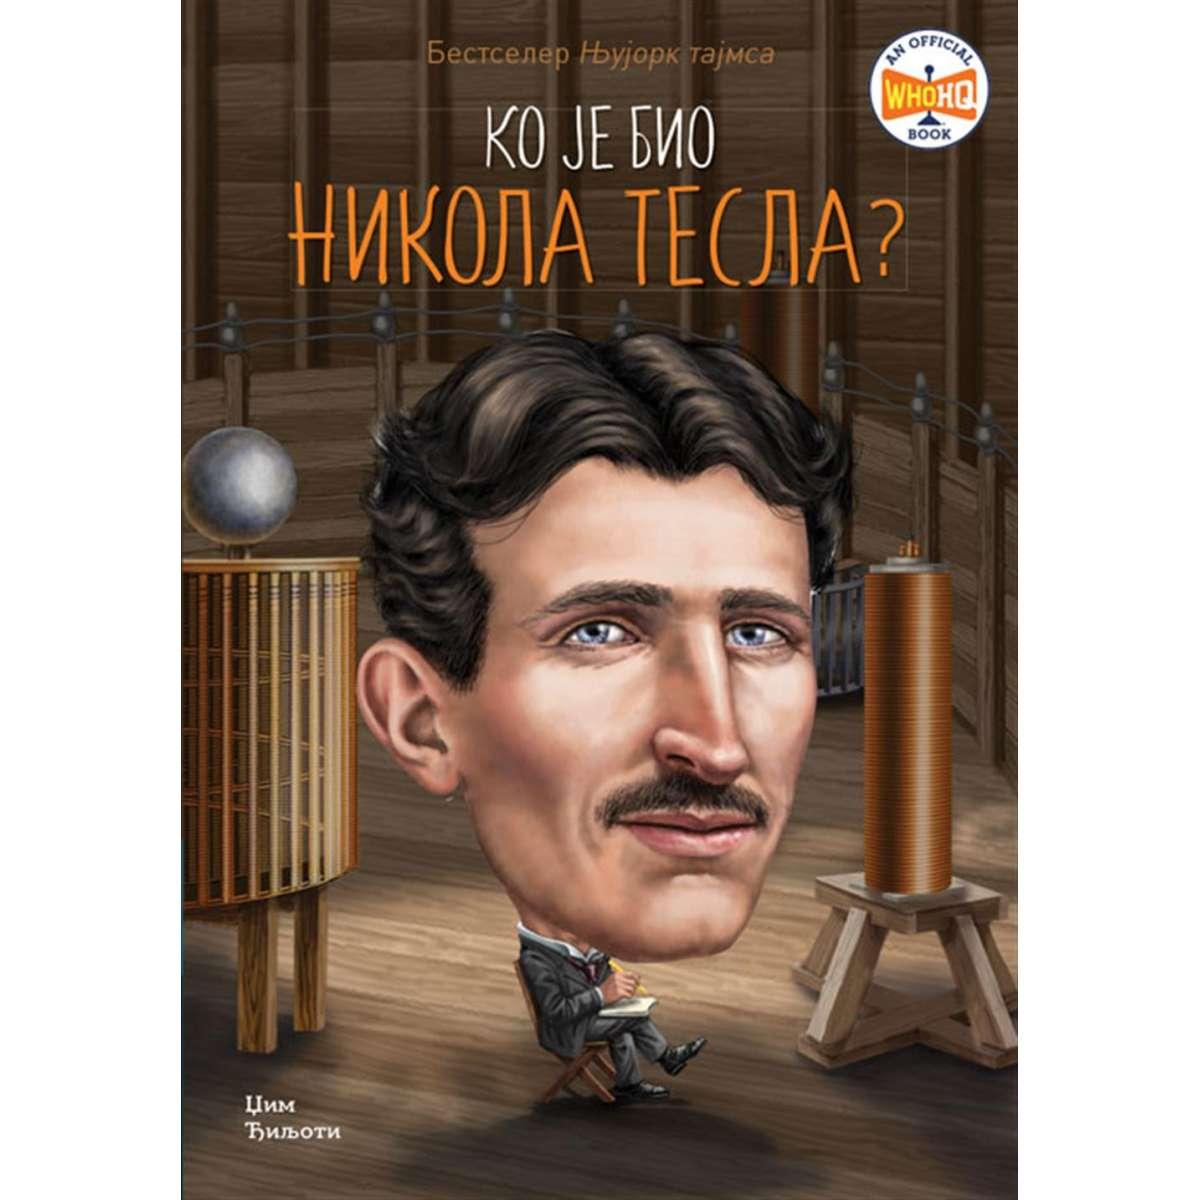 Ko je bio Nikola Tesla?